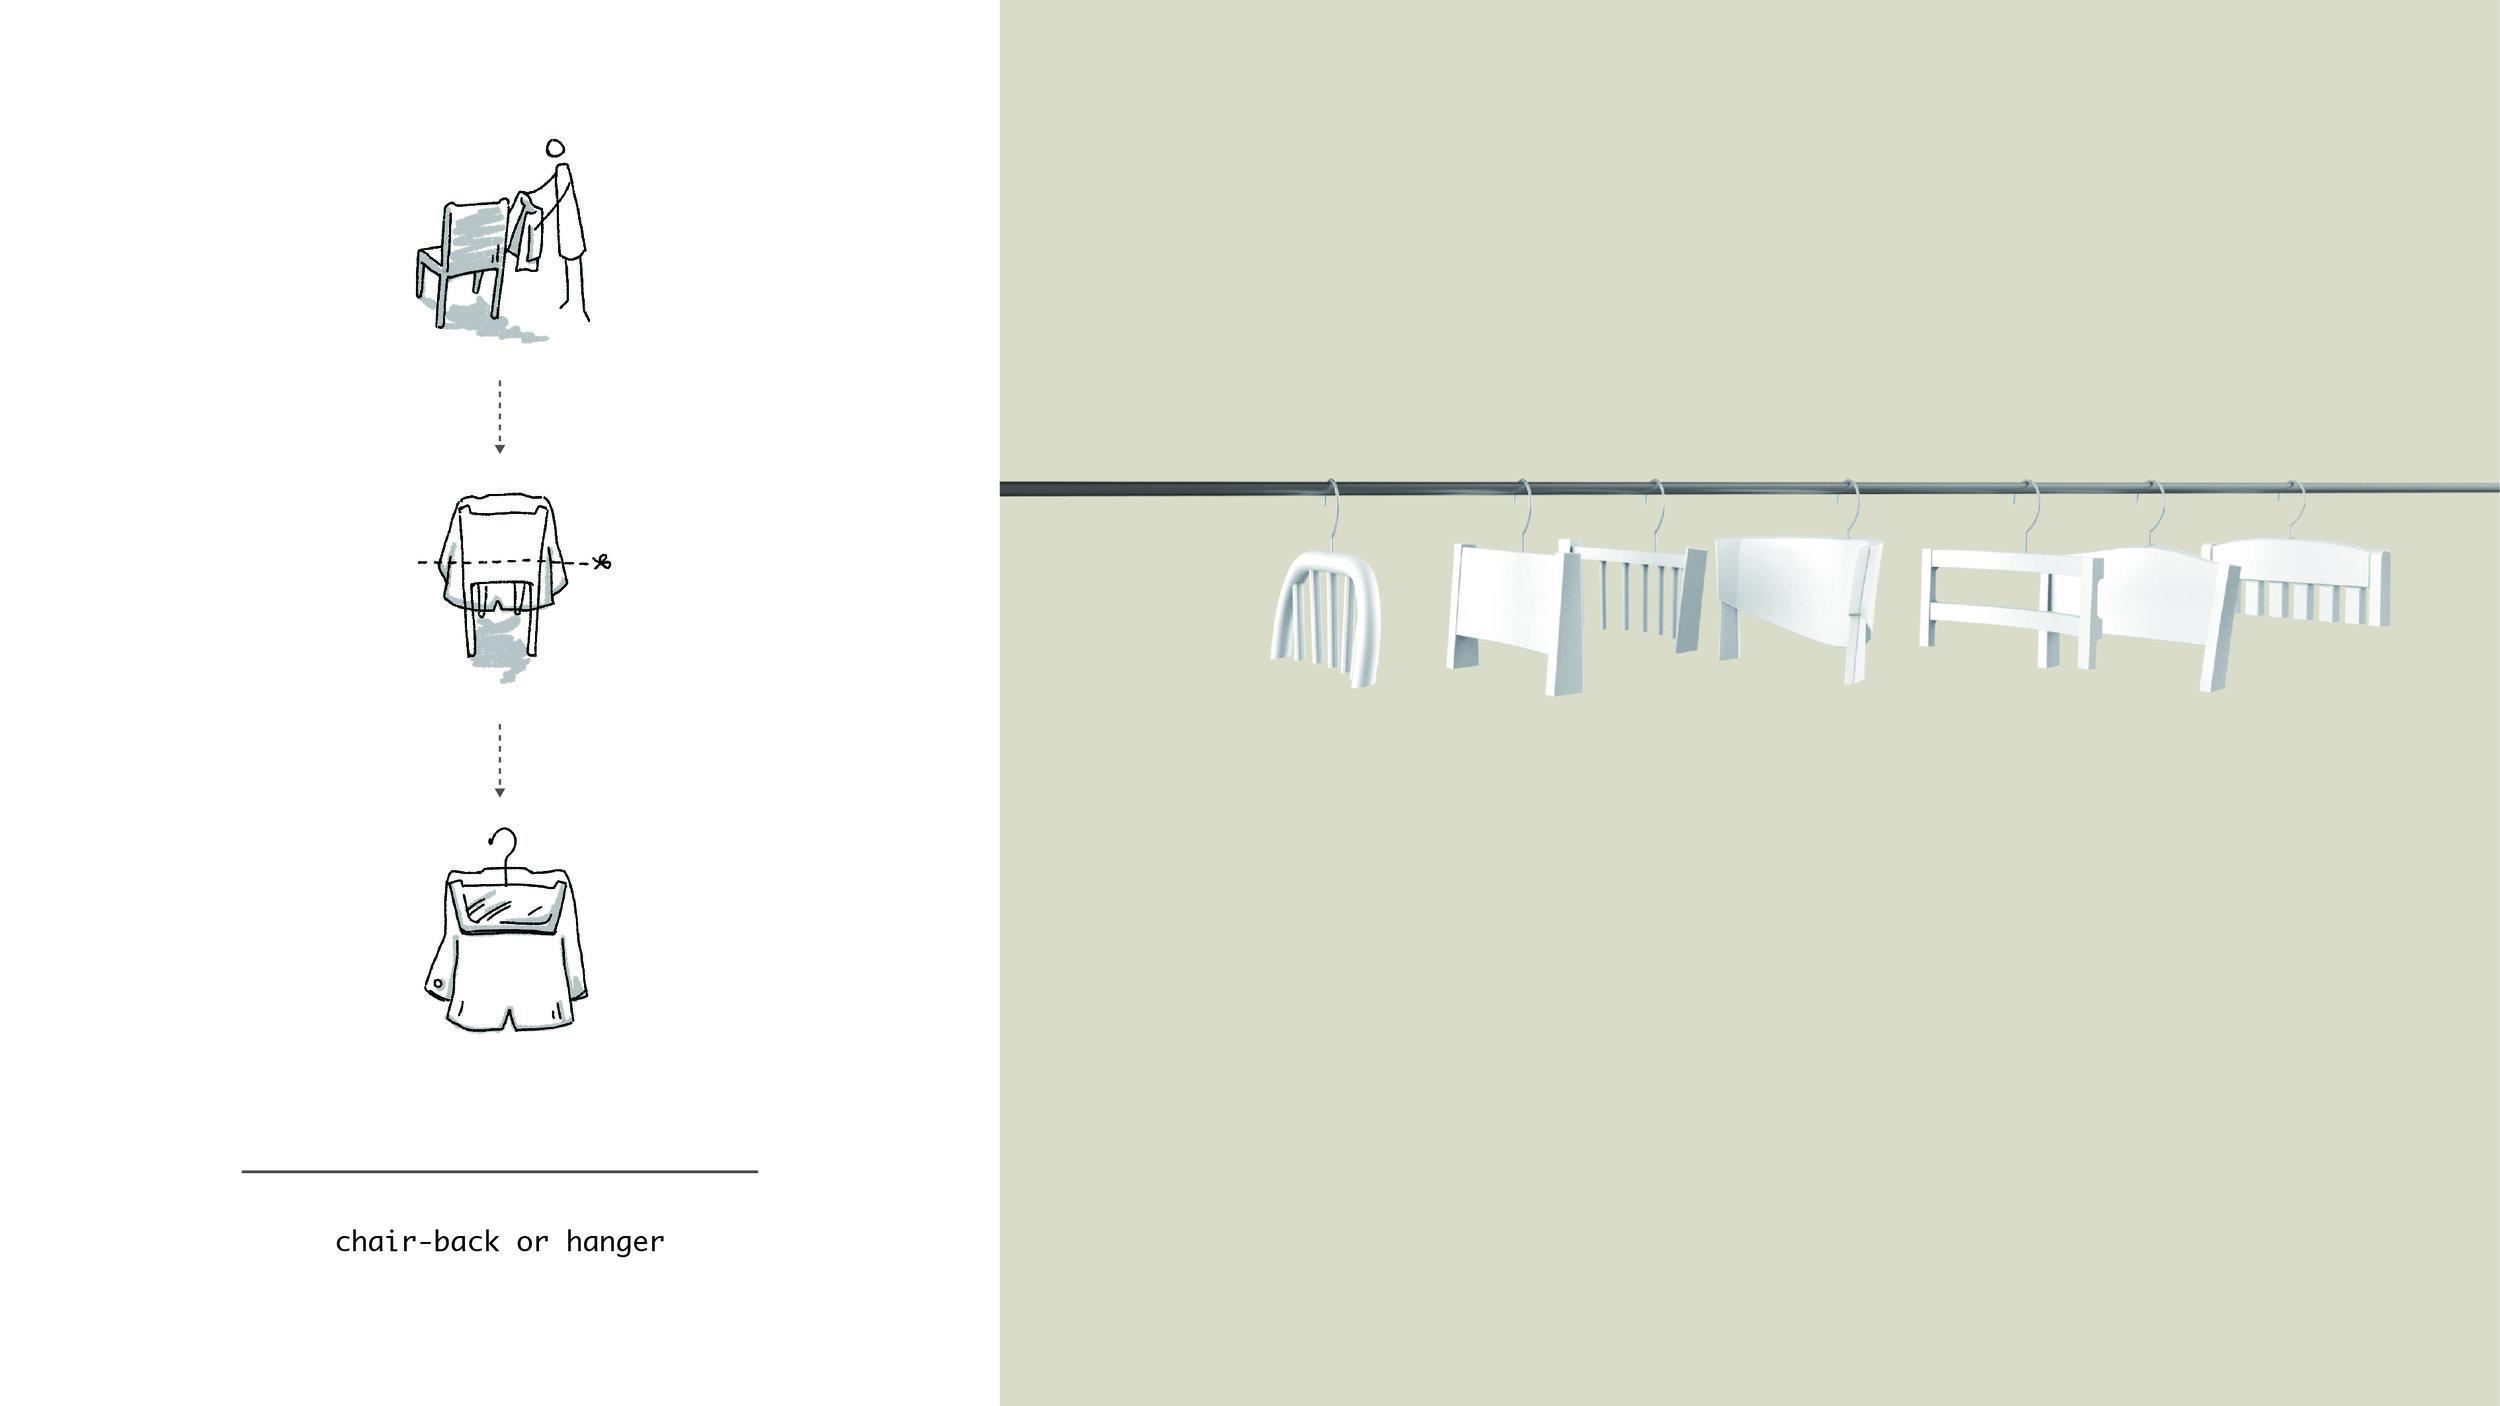 chair-back hanger.jpg